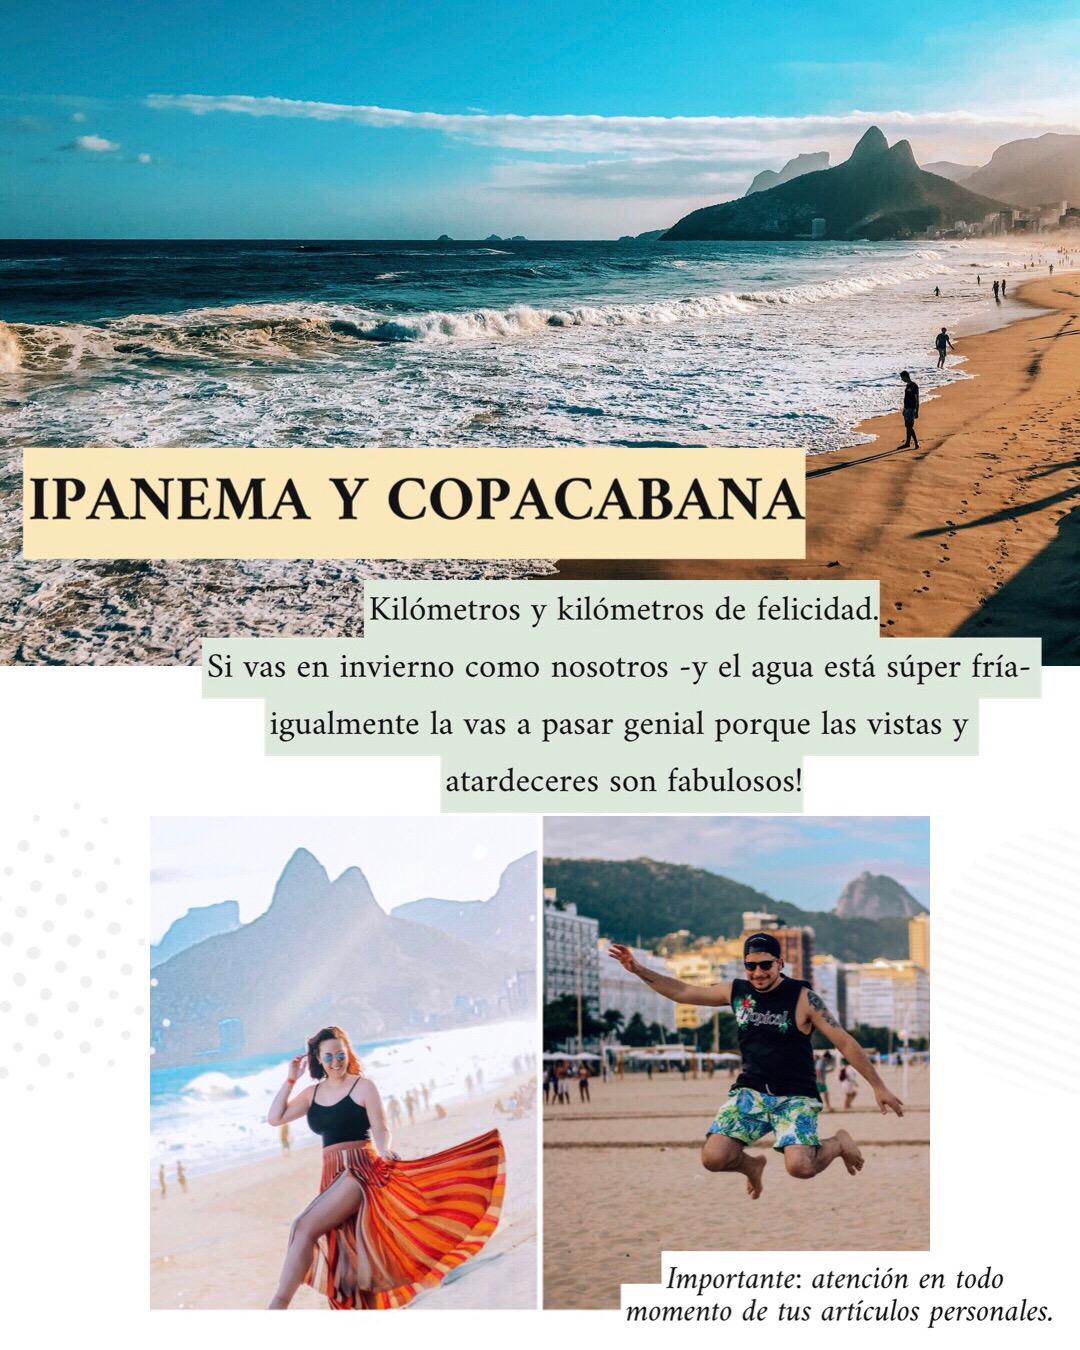 ipanema y Copacabana